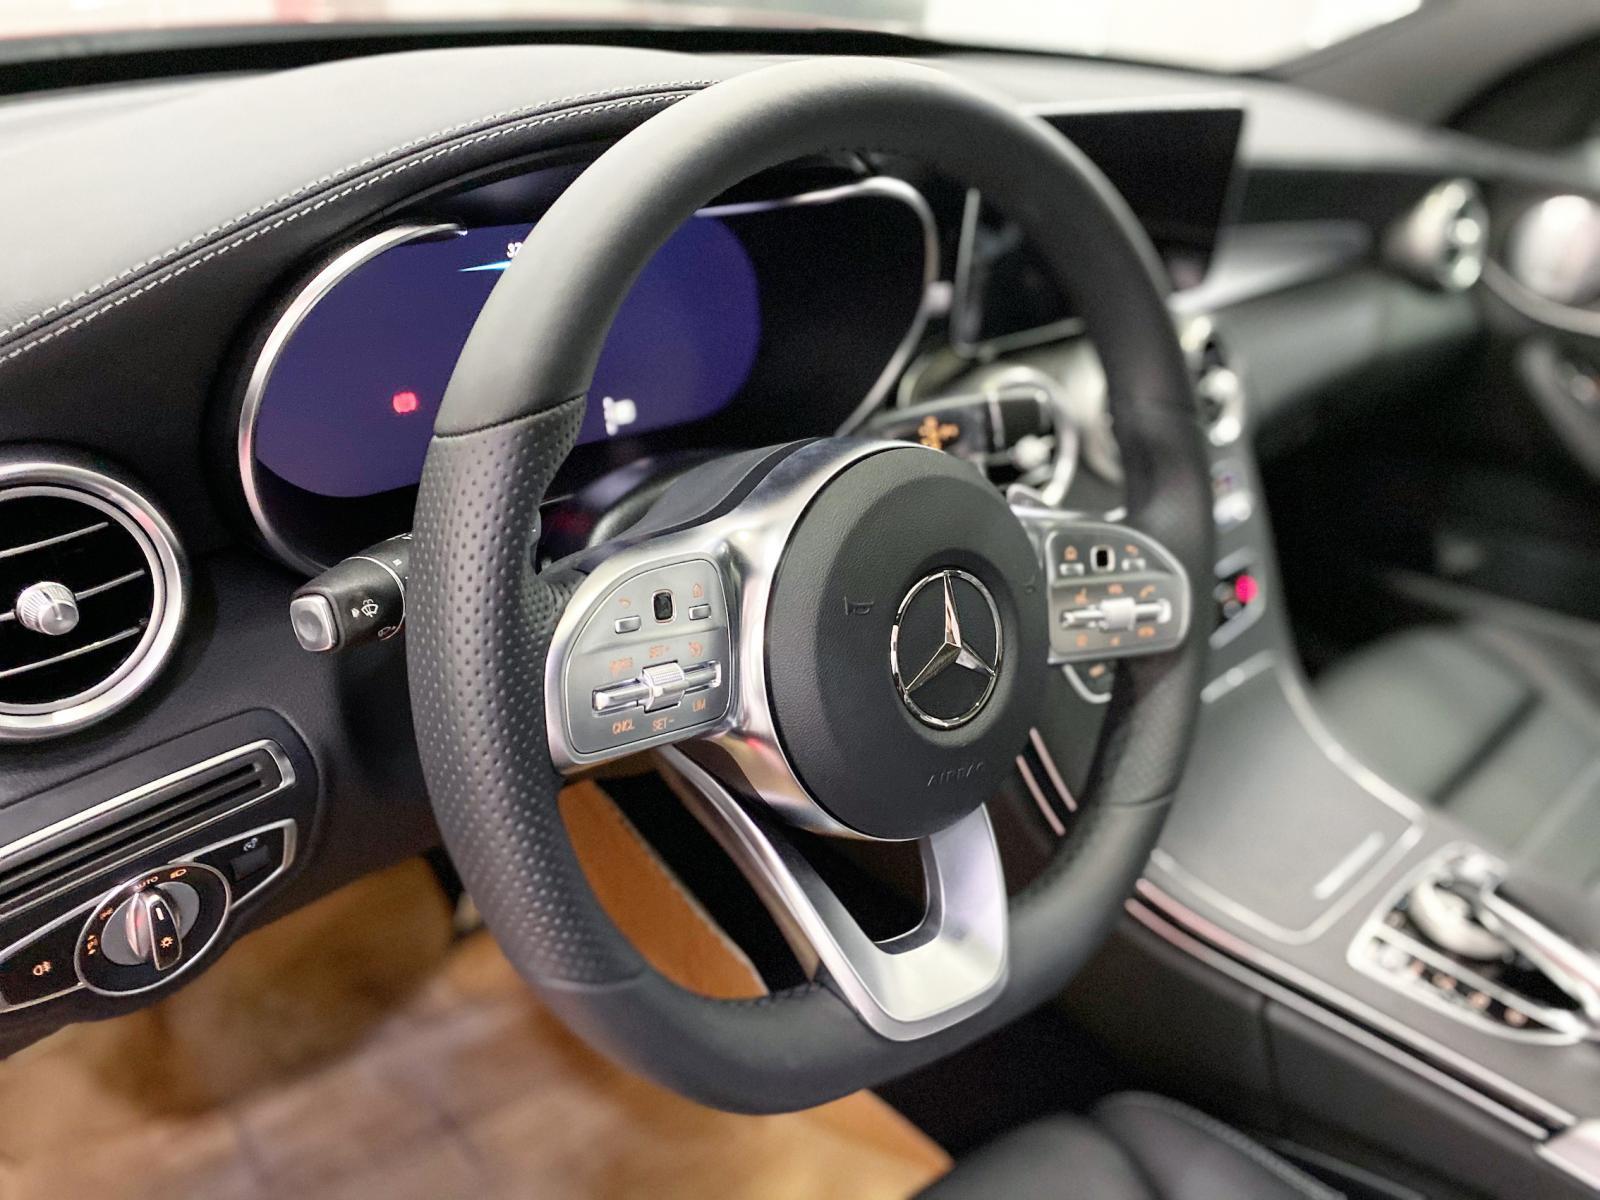 Bán Mercedes C300 AMG 2020 màu đỏ siêu lướt, giá cực tốt - xe cũ chính hãng